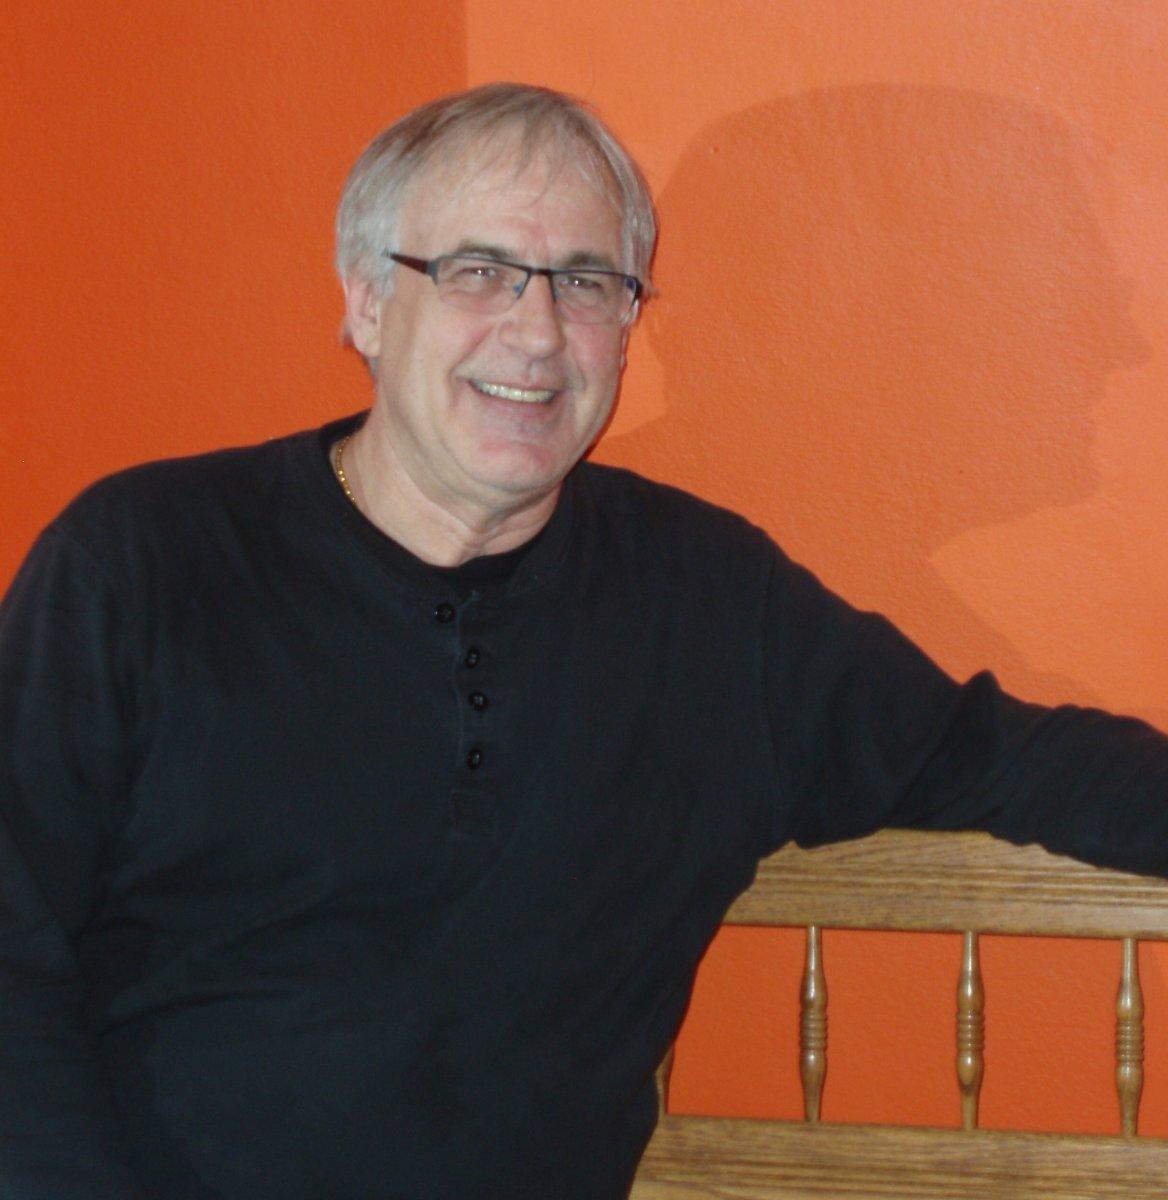 Brian Dettmering